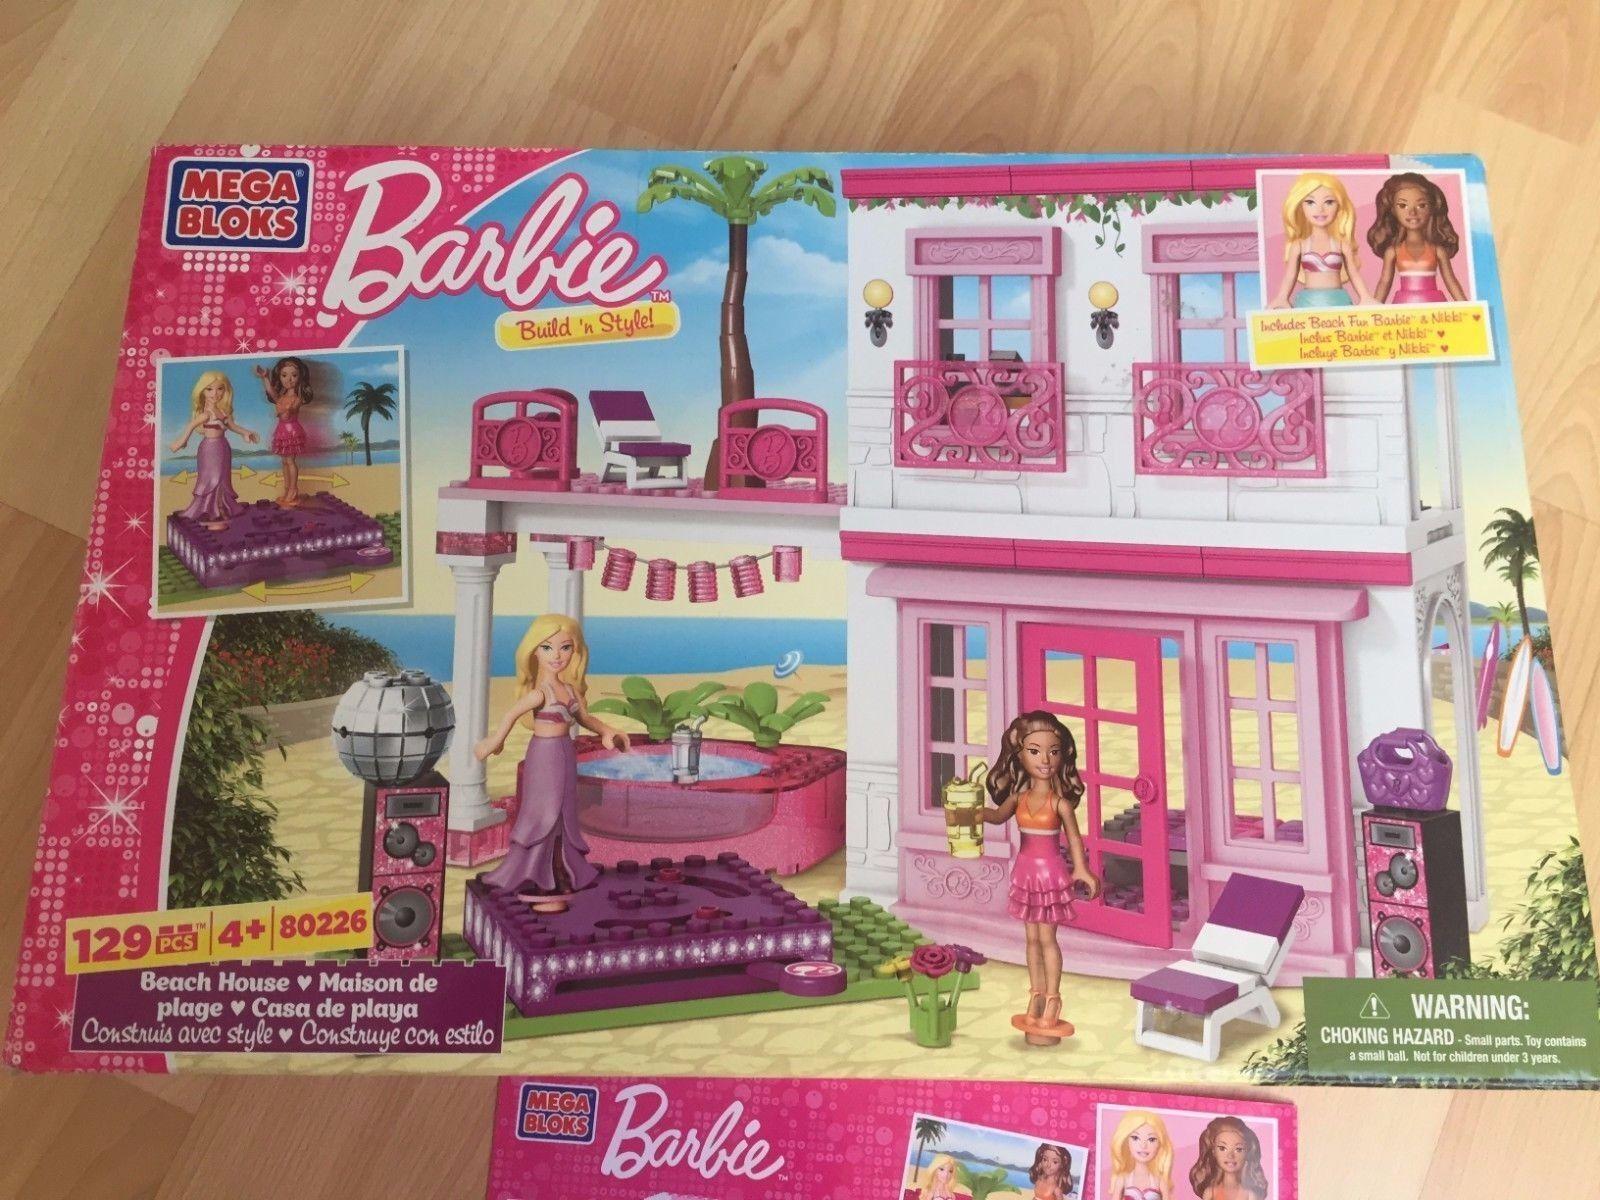 Lego MEGA BLOKS BARBIE maison de de de plage + boite 80226 - Build 'n Style Ages 4+ 0c67a0